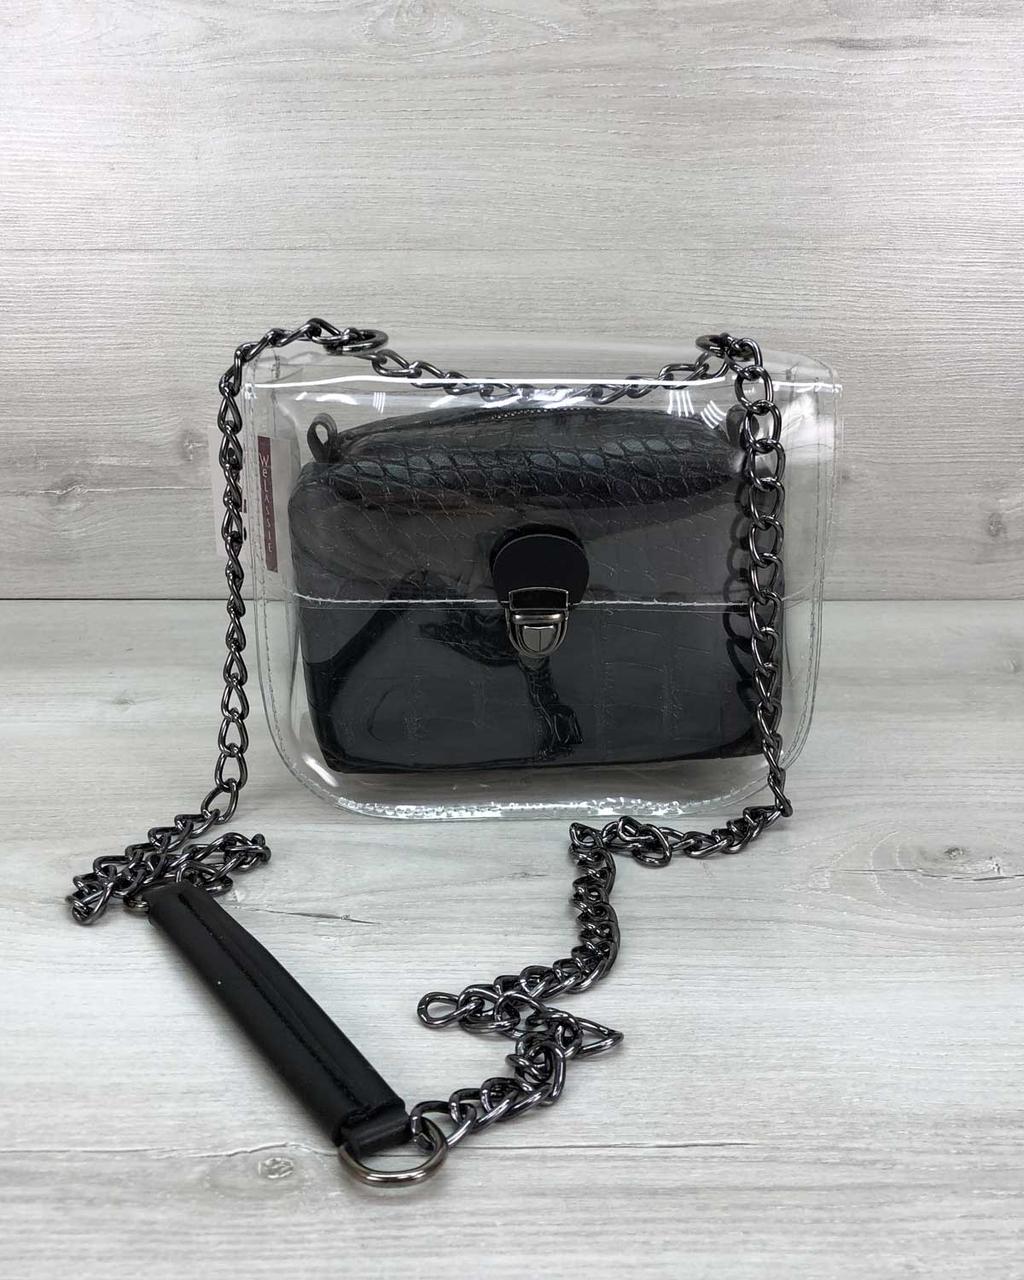 Силіконова стильна сумочка клатч повсякденний на ланцюжку з косметичкою чорного кольору